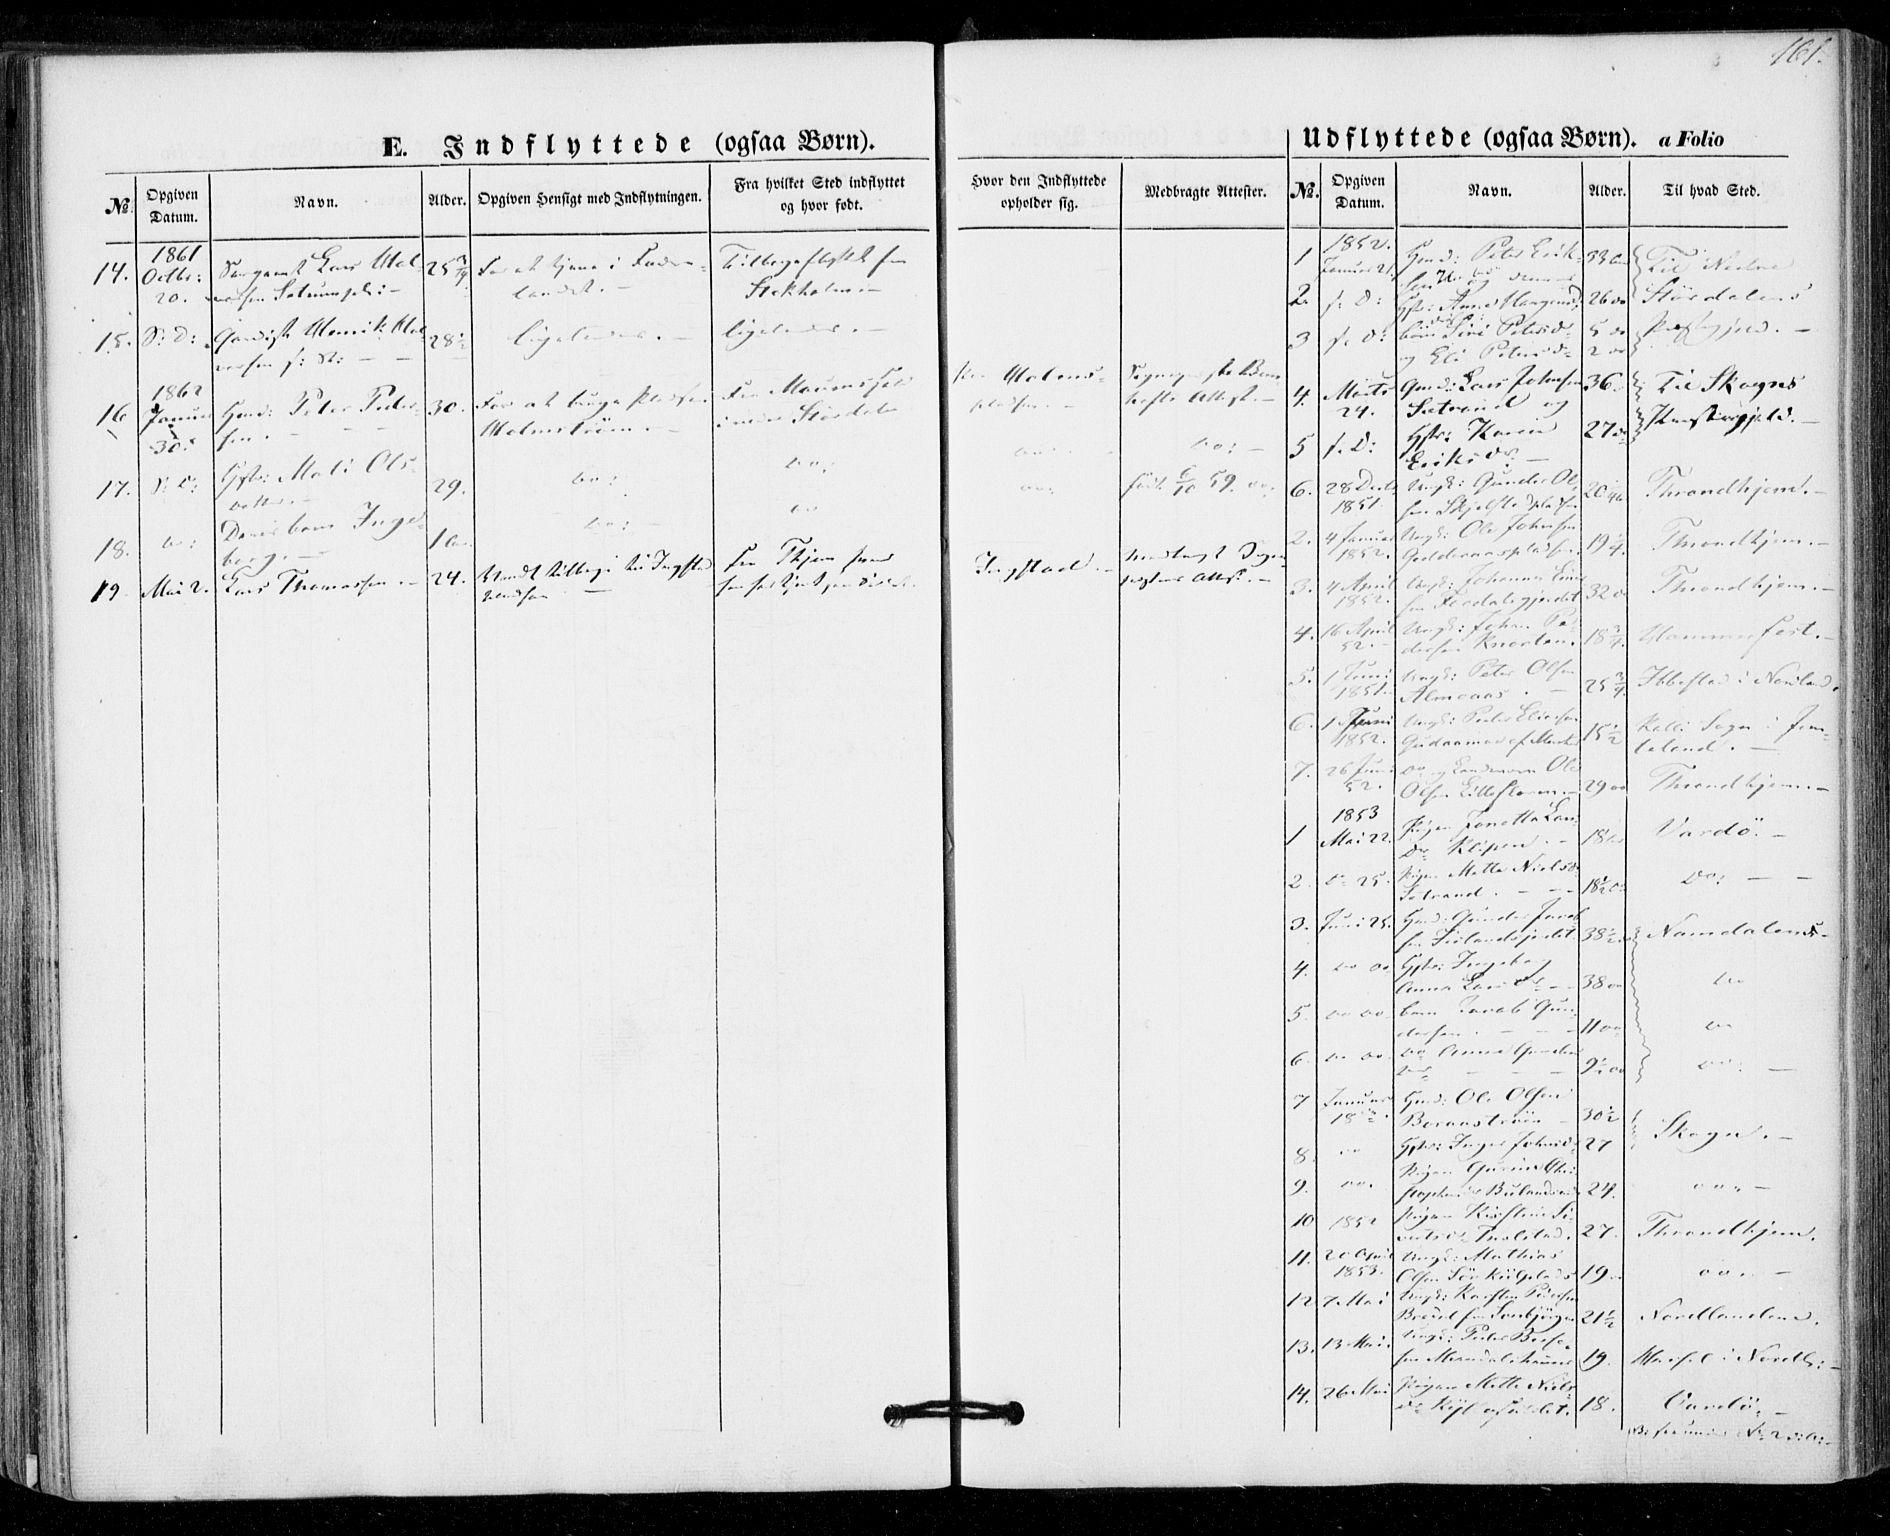 SAT, Ministerialprotokoller, klokkerbøker og fødselsregistre - Nord-Trøndelag, 703/L0028: Ministerialbok nr. 703A01, 1850-1862, s. 161